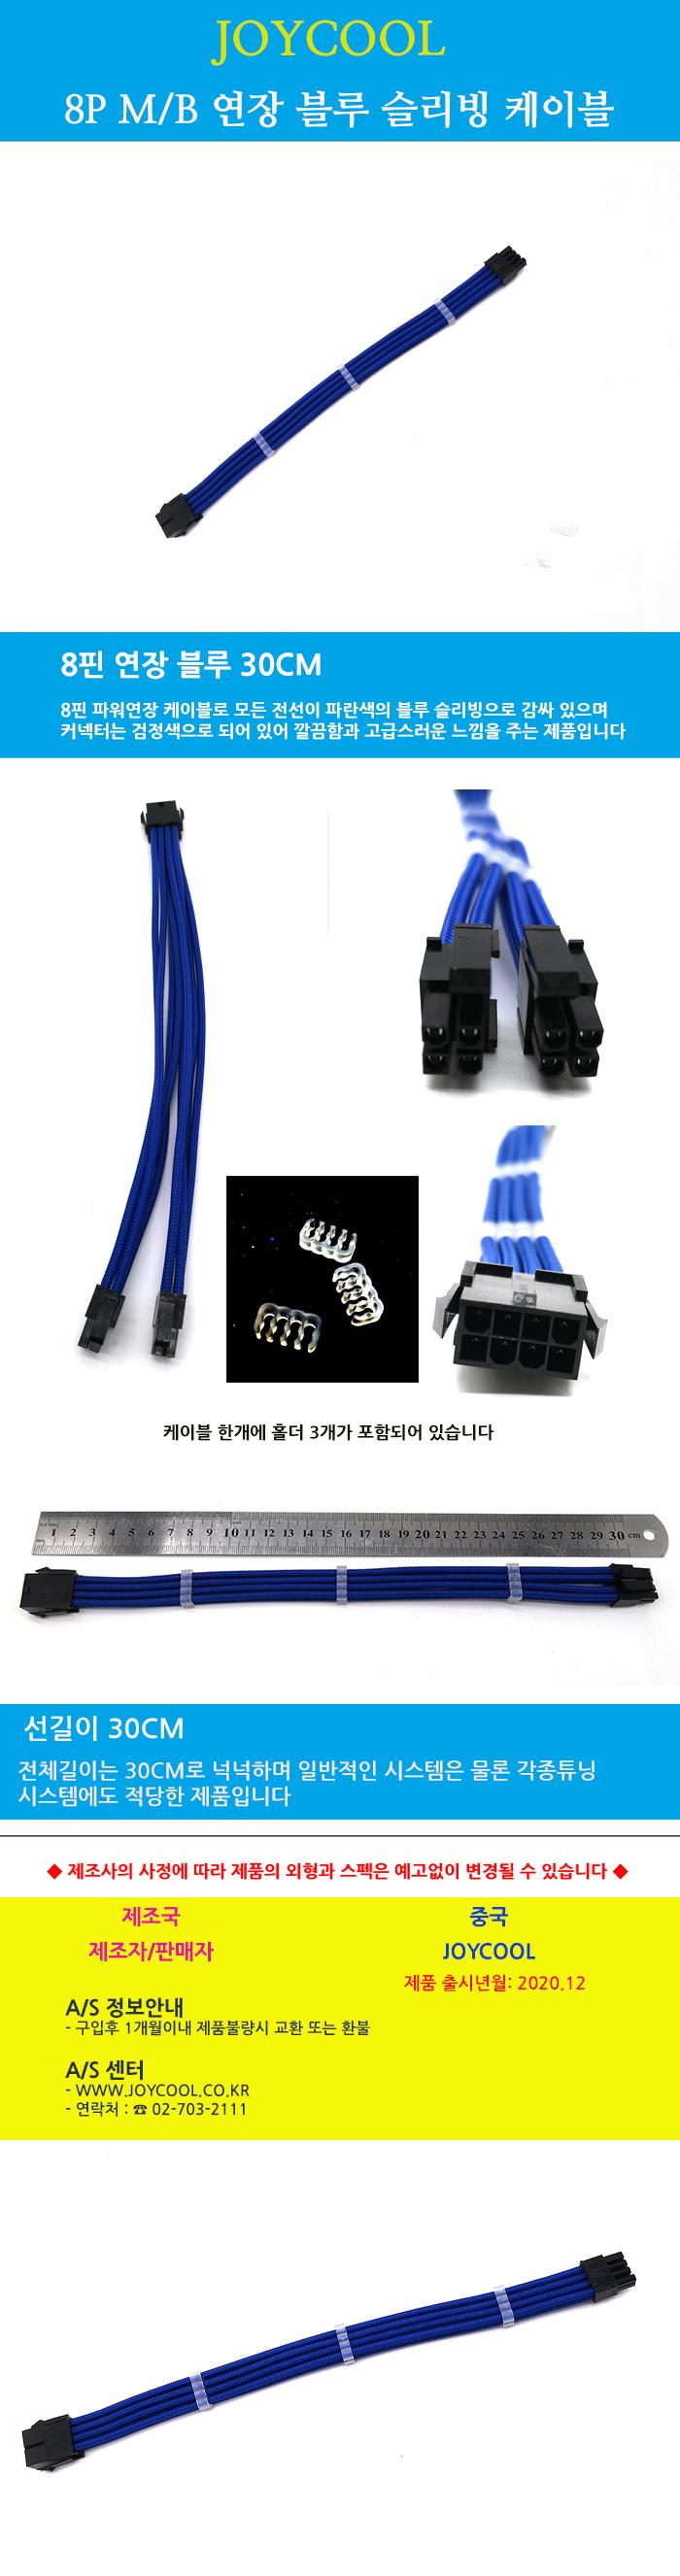 조이쿨 조이쿨 8핀 메인보드 연장 슬리빙 케이블 (블루, 0.3m)